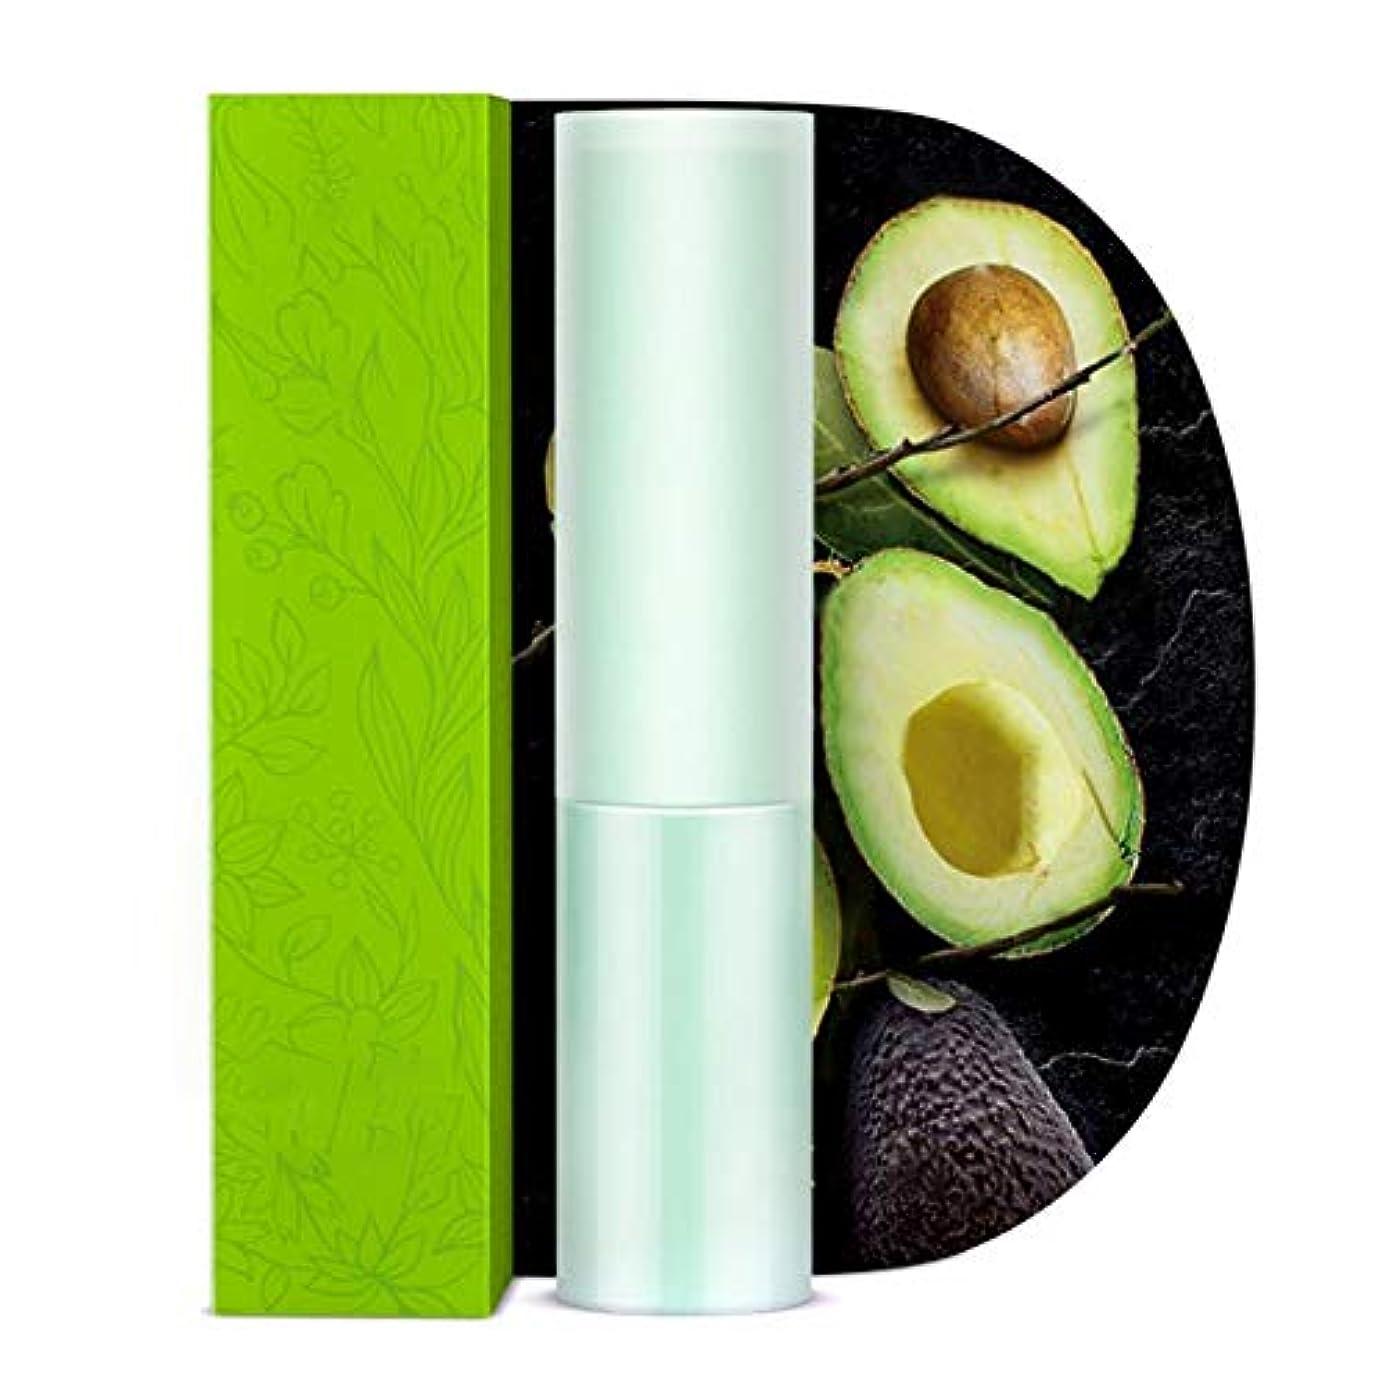 効果的に楽しい実行可能無色の蜂蜜の唇の香油の唇の光沢、保湿の水和の反割れの増光